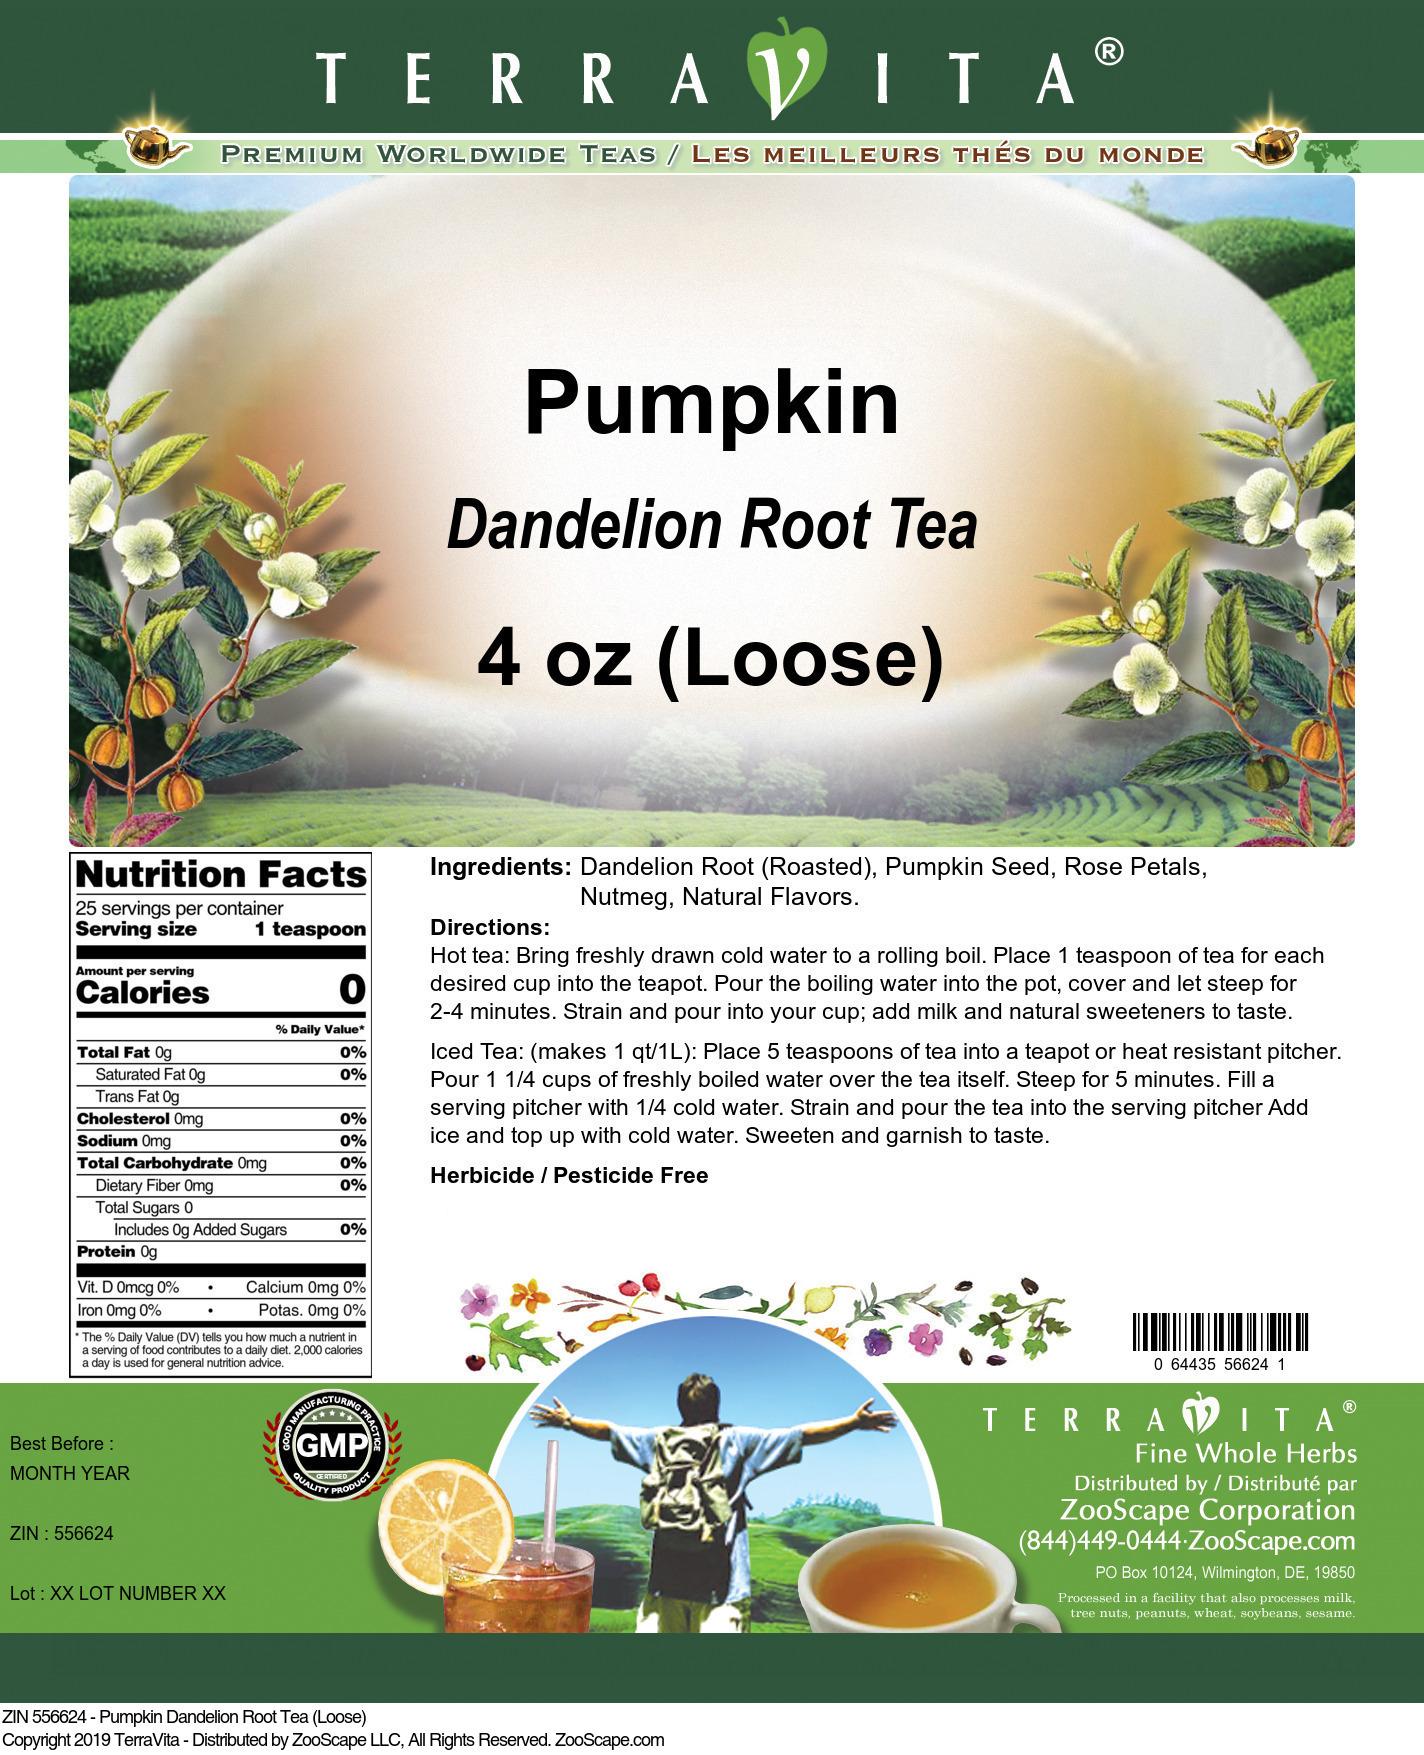 Pumpkin Dandelion Root Tea (Loose)